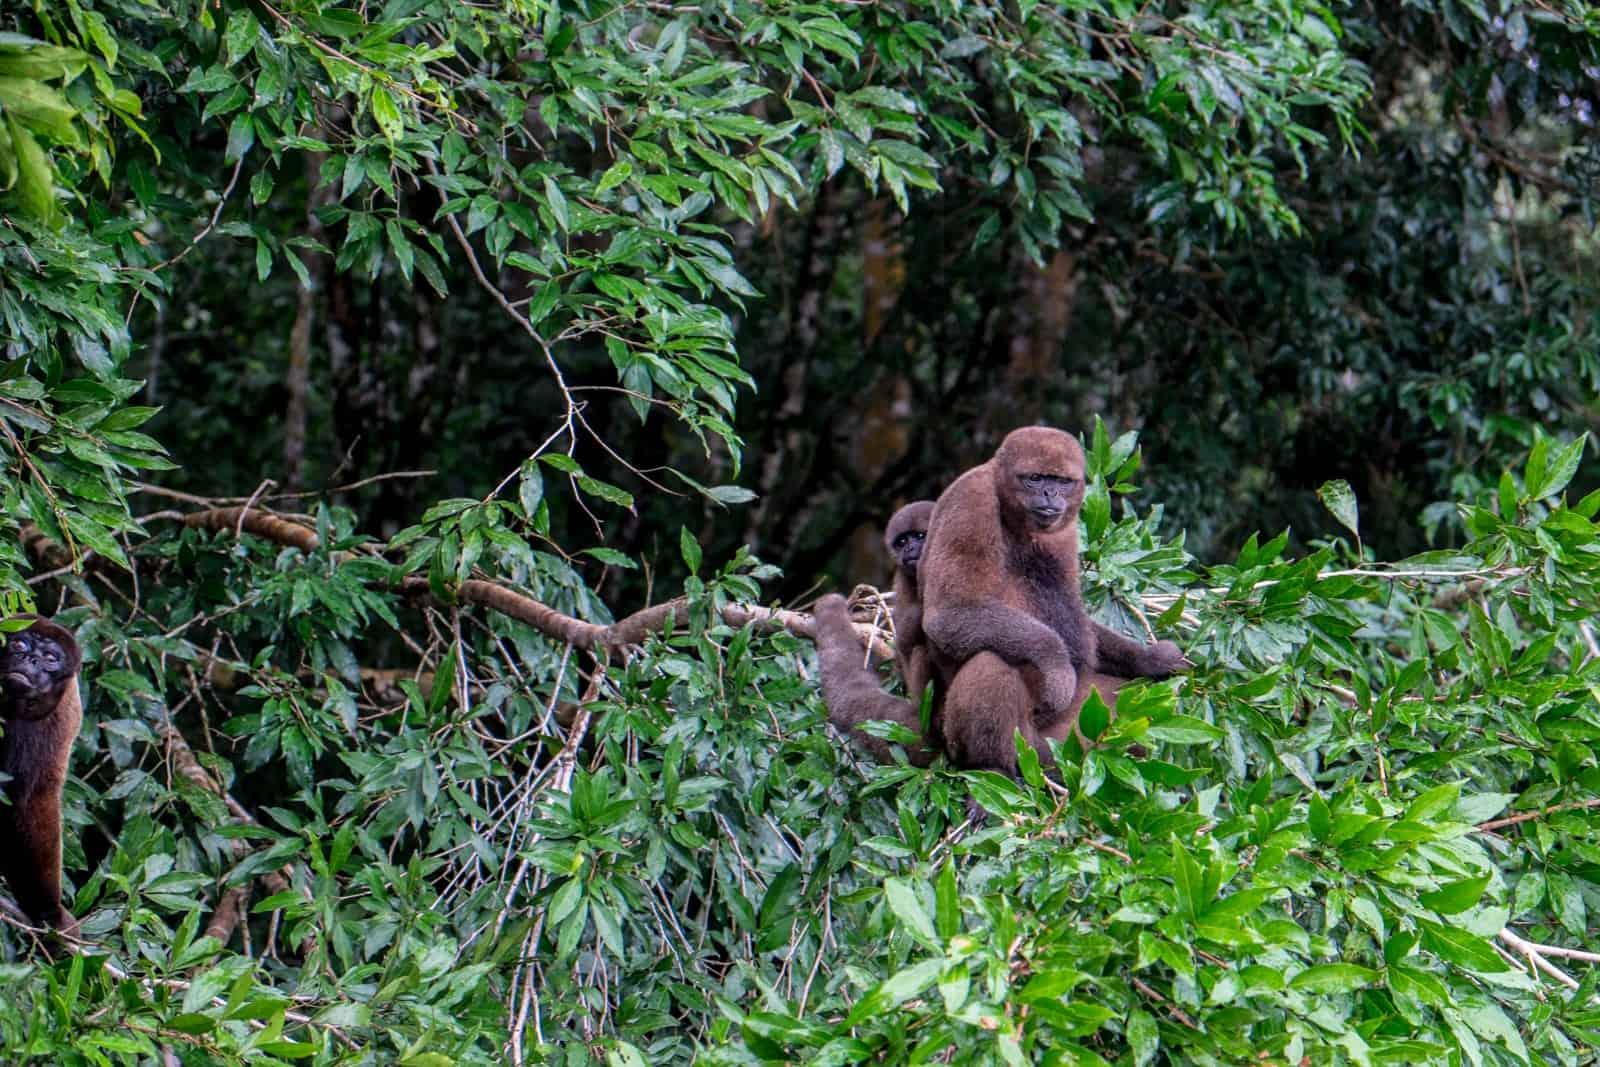 Monos en la selva de los países amazónicos ecuatorianos